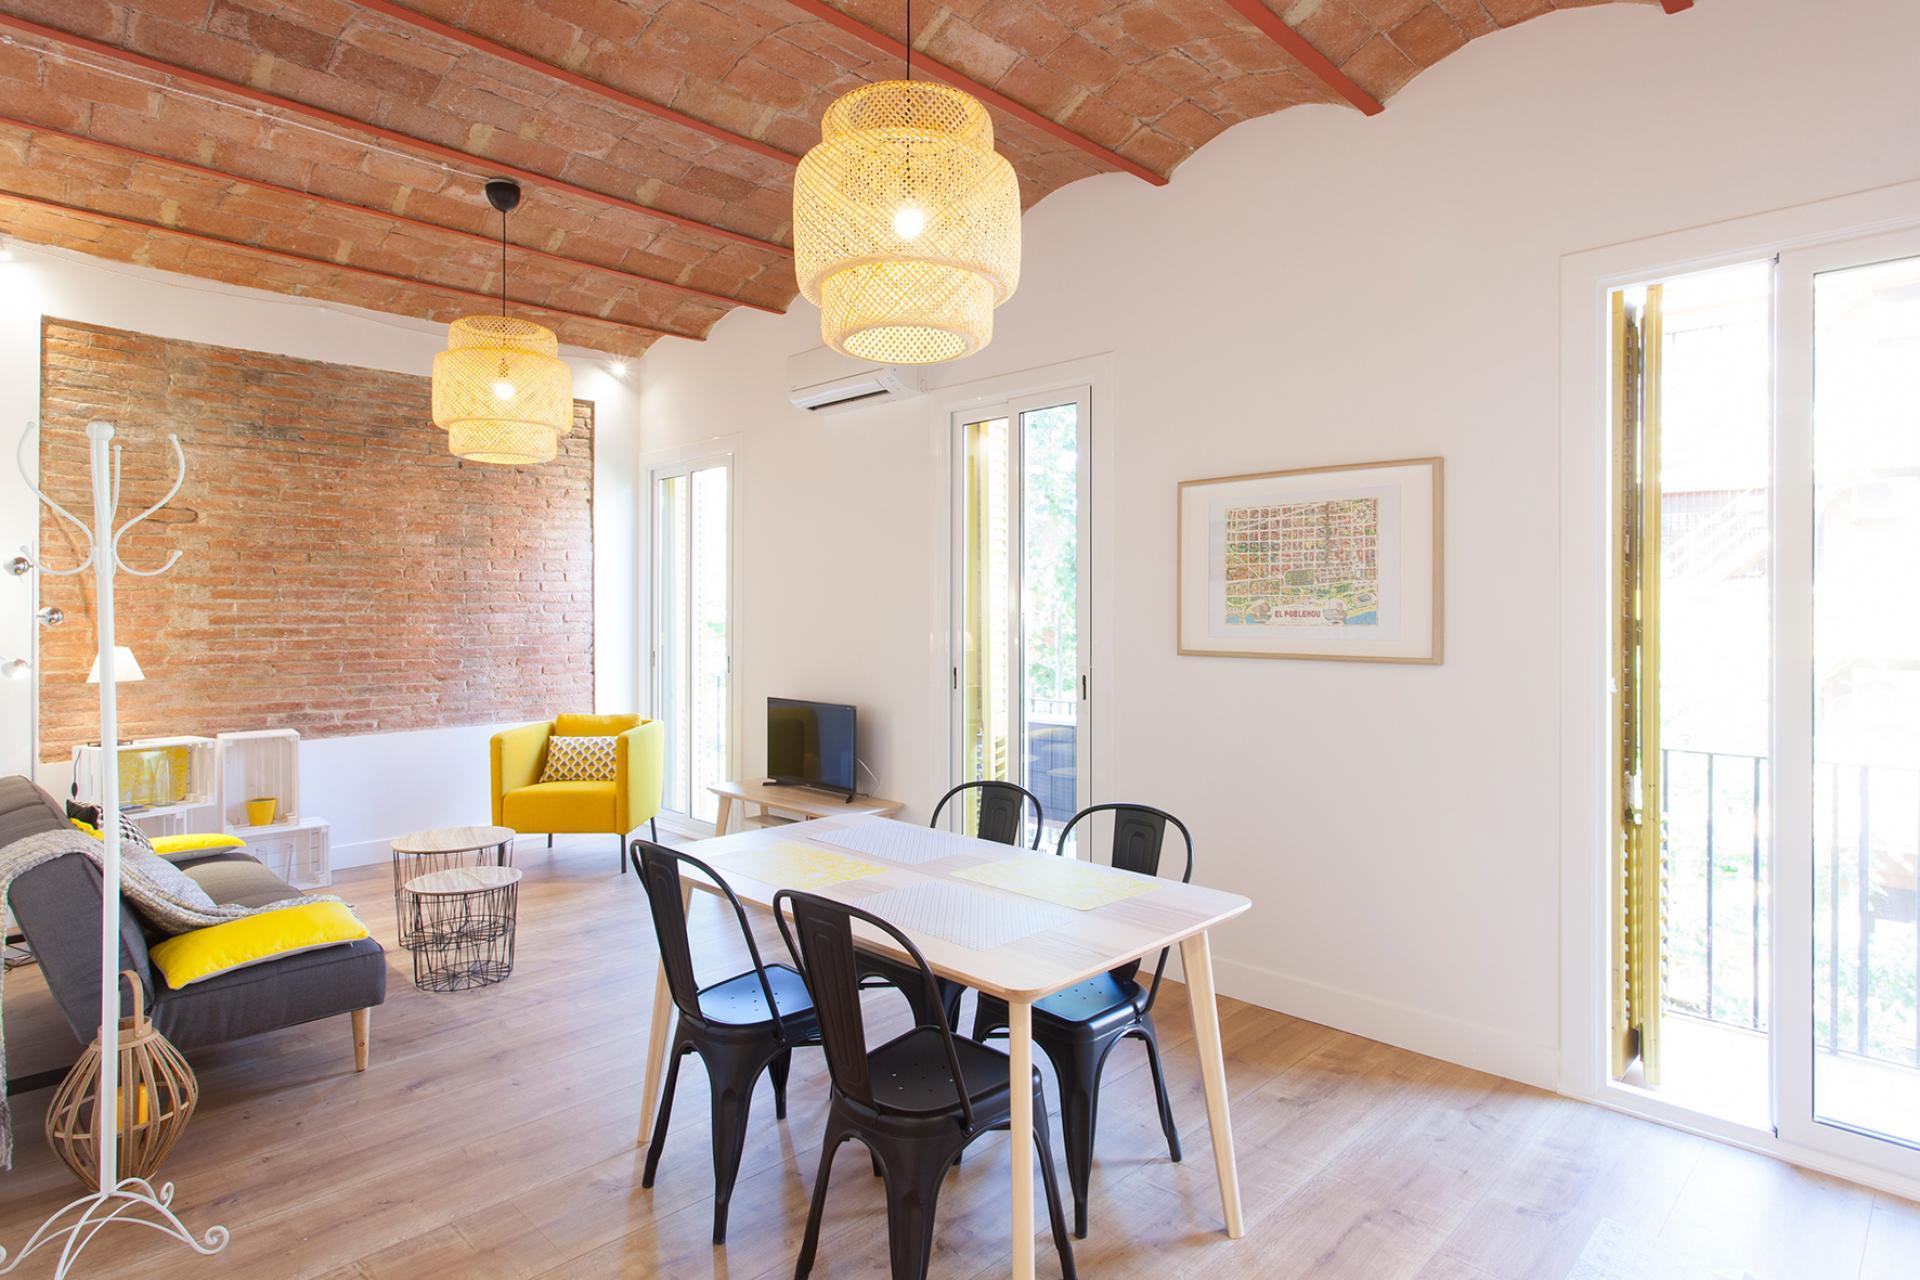 Extraordinário apartamento de aluguel mensal